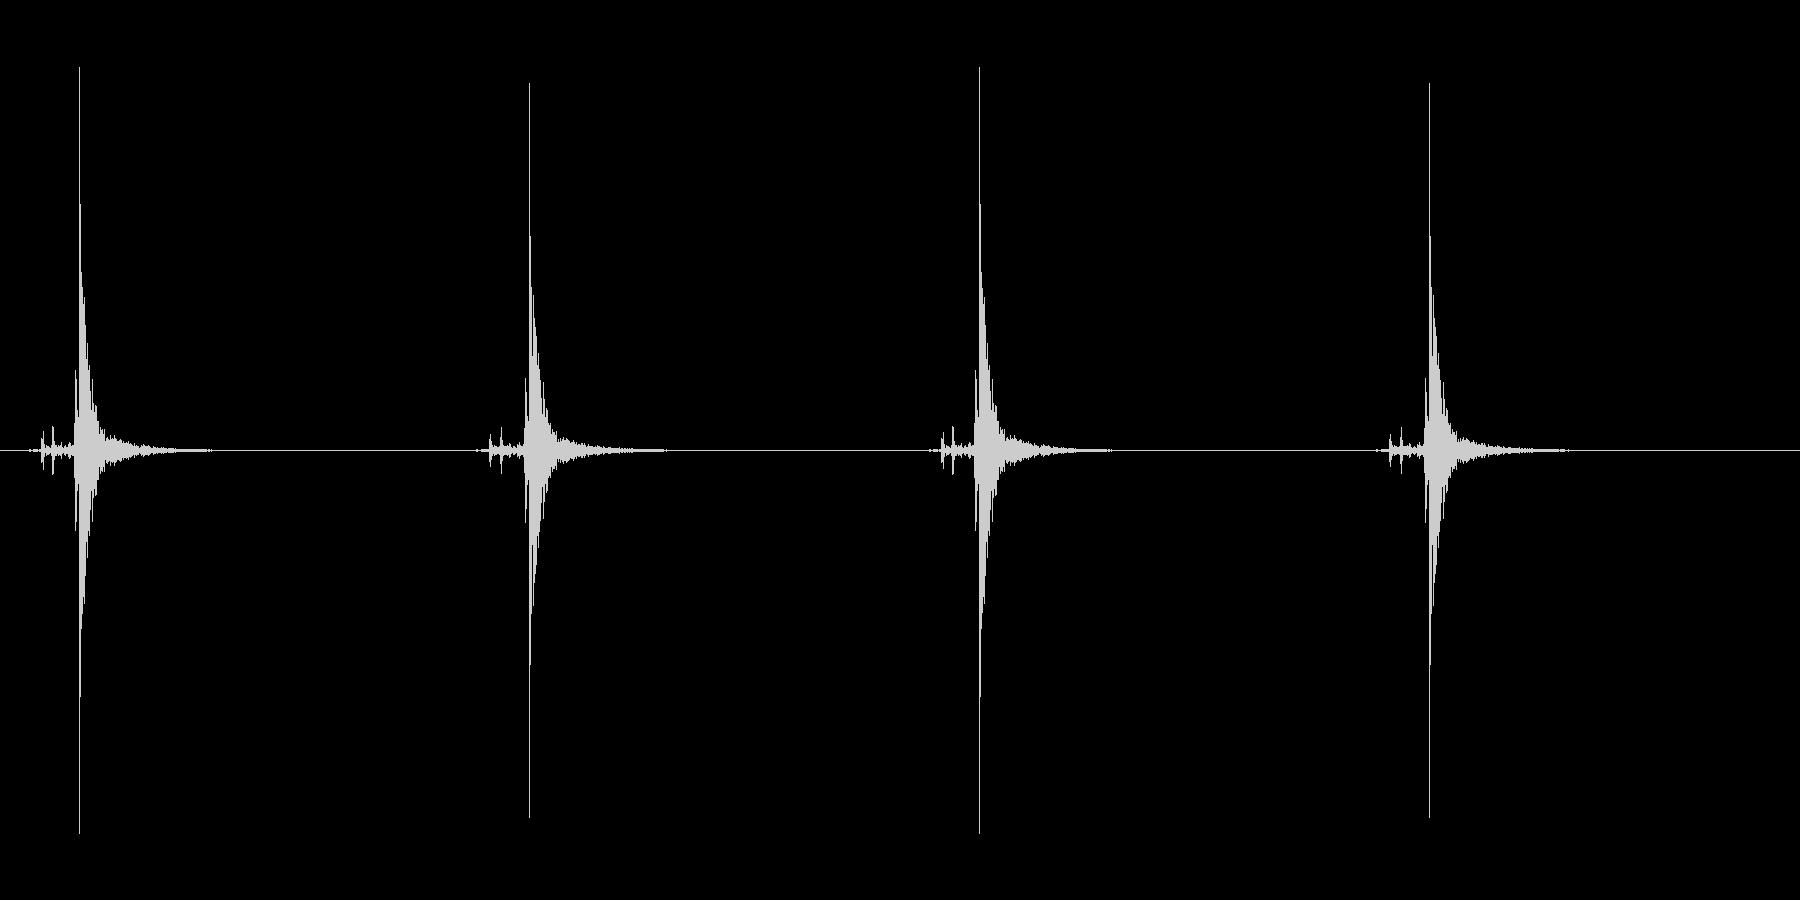 時計の秒針の音 1A 大きな時計の未再生の波形